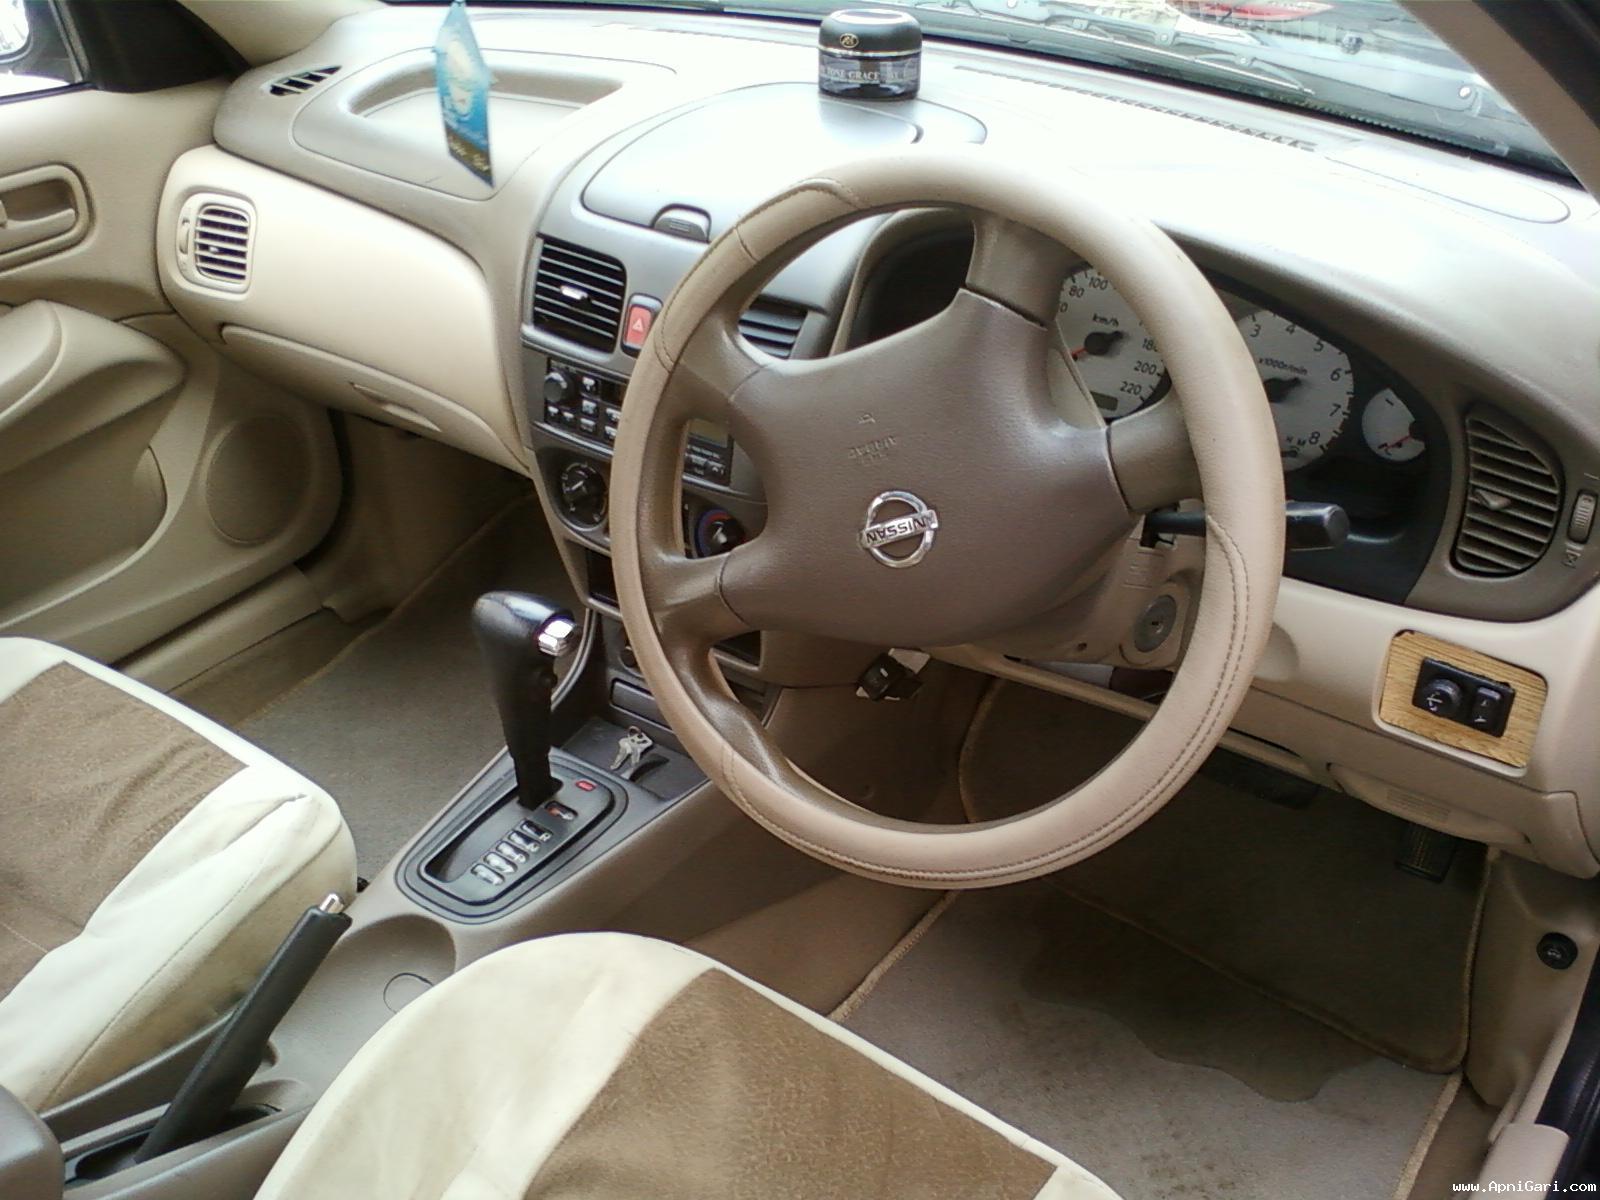 Nissan Sunny 2010 Interior Dashboard